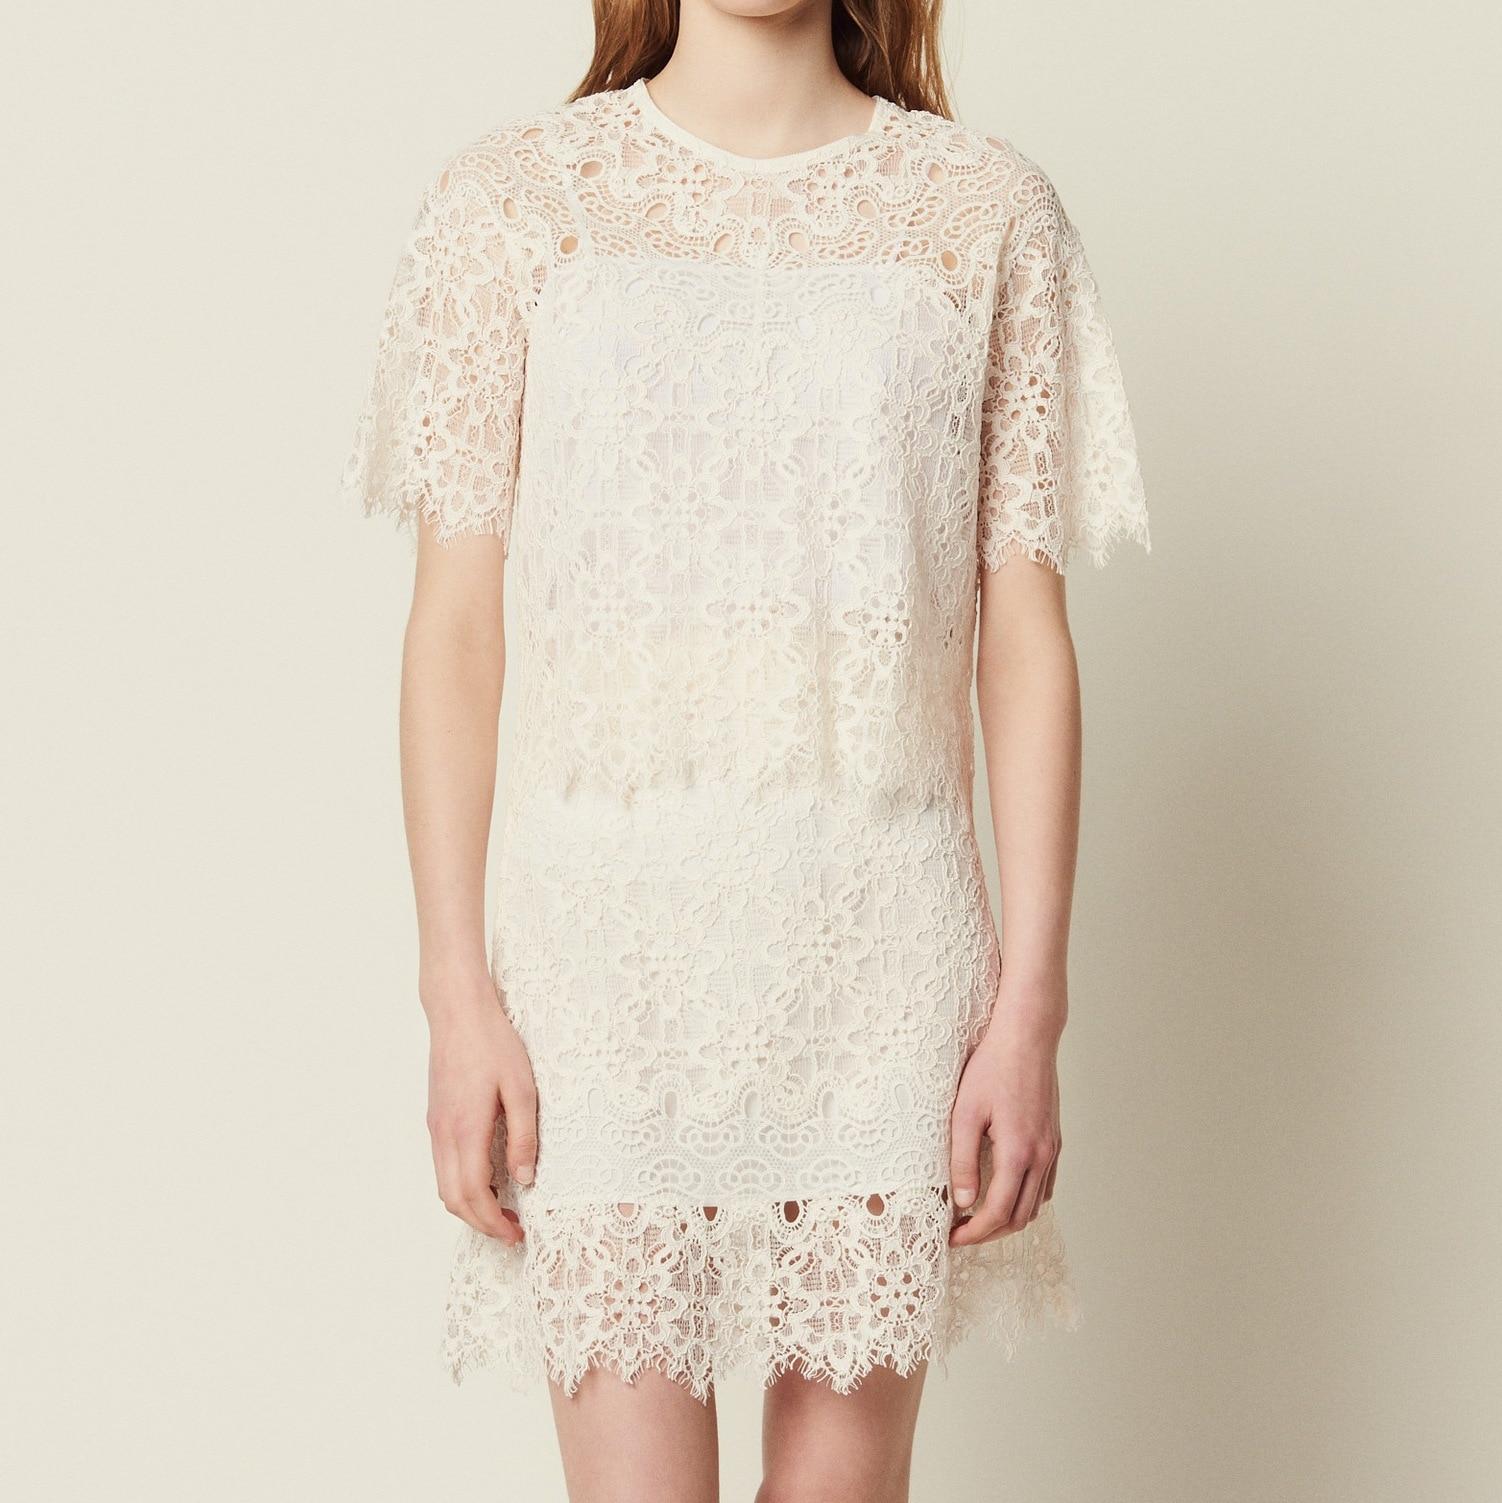 Femmes blanc couverture en dentelle 2019 printemps et été couleur unie droite évider dentelle chemise col rond femme T-shirt